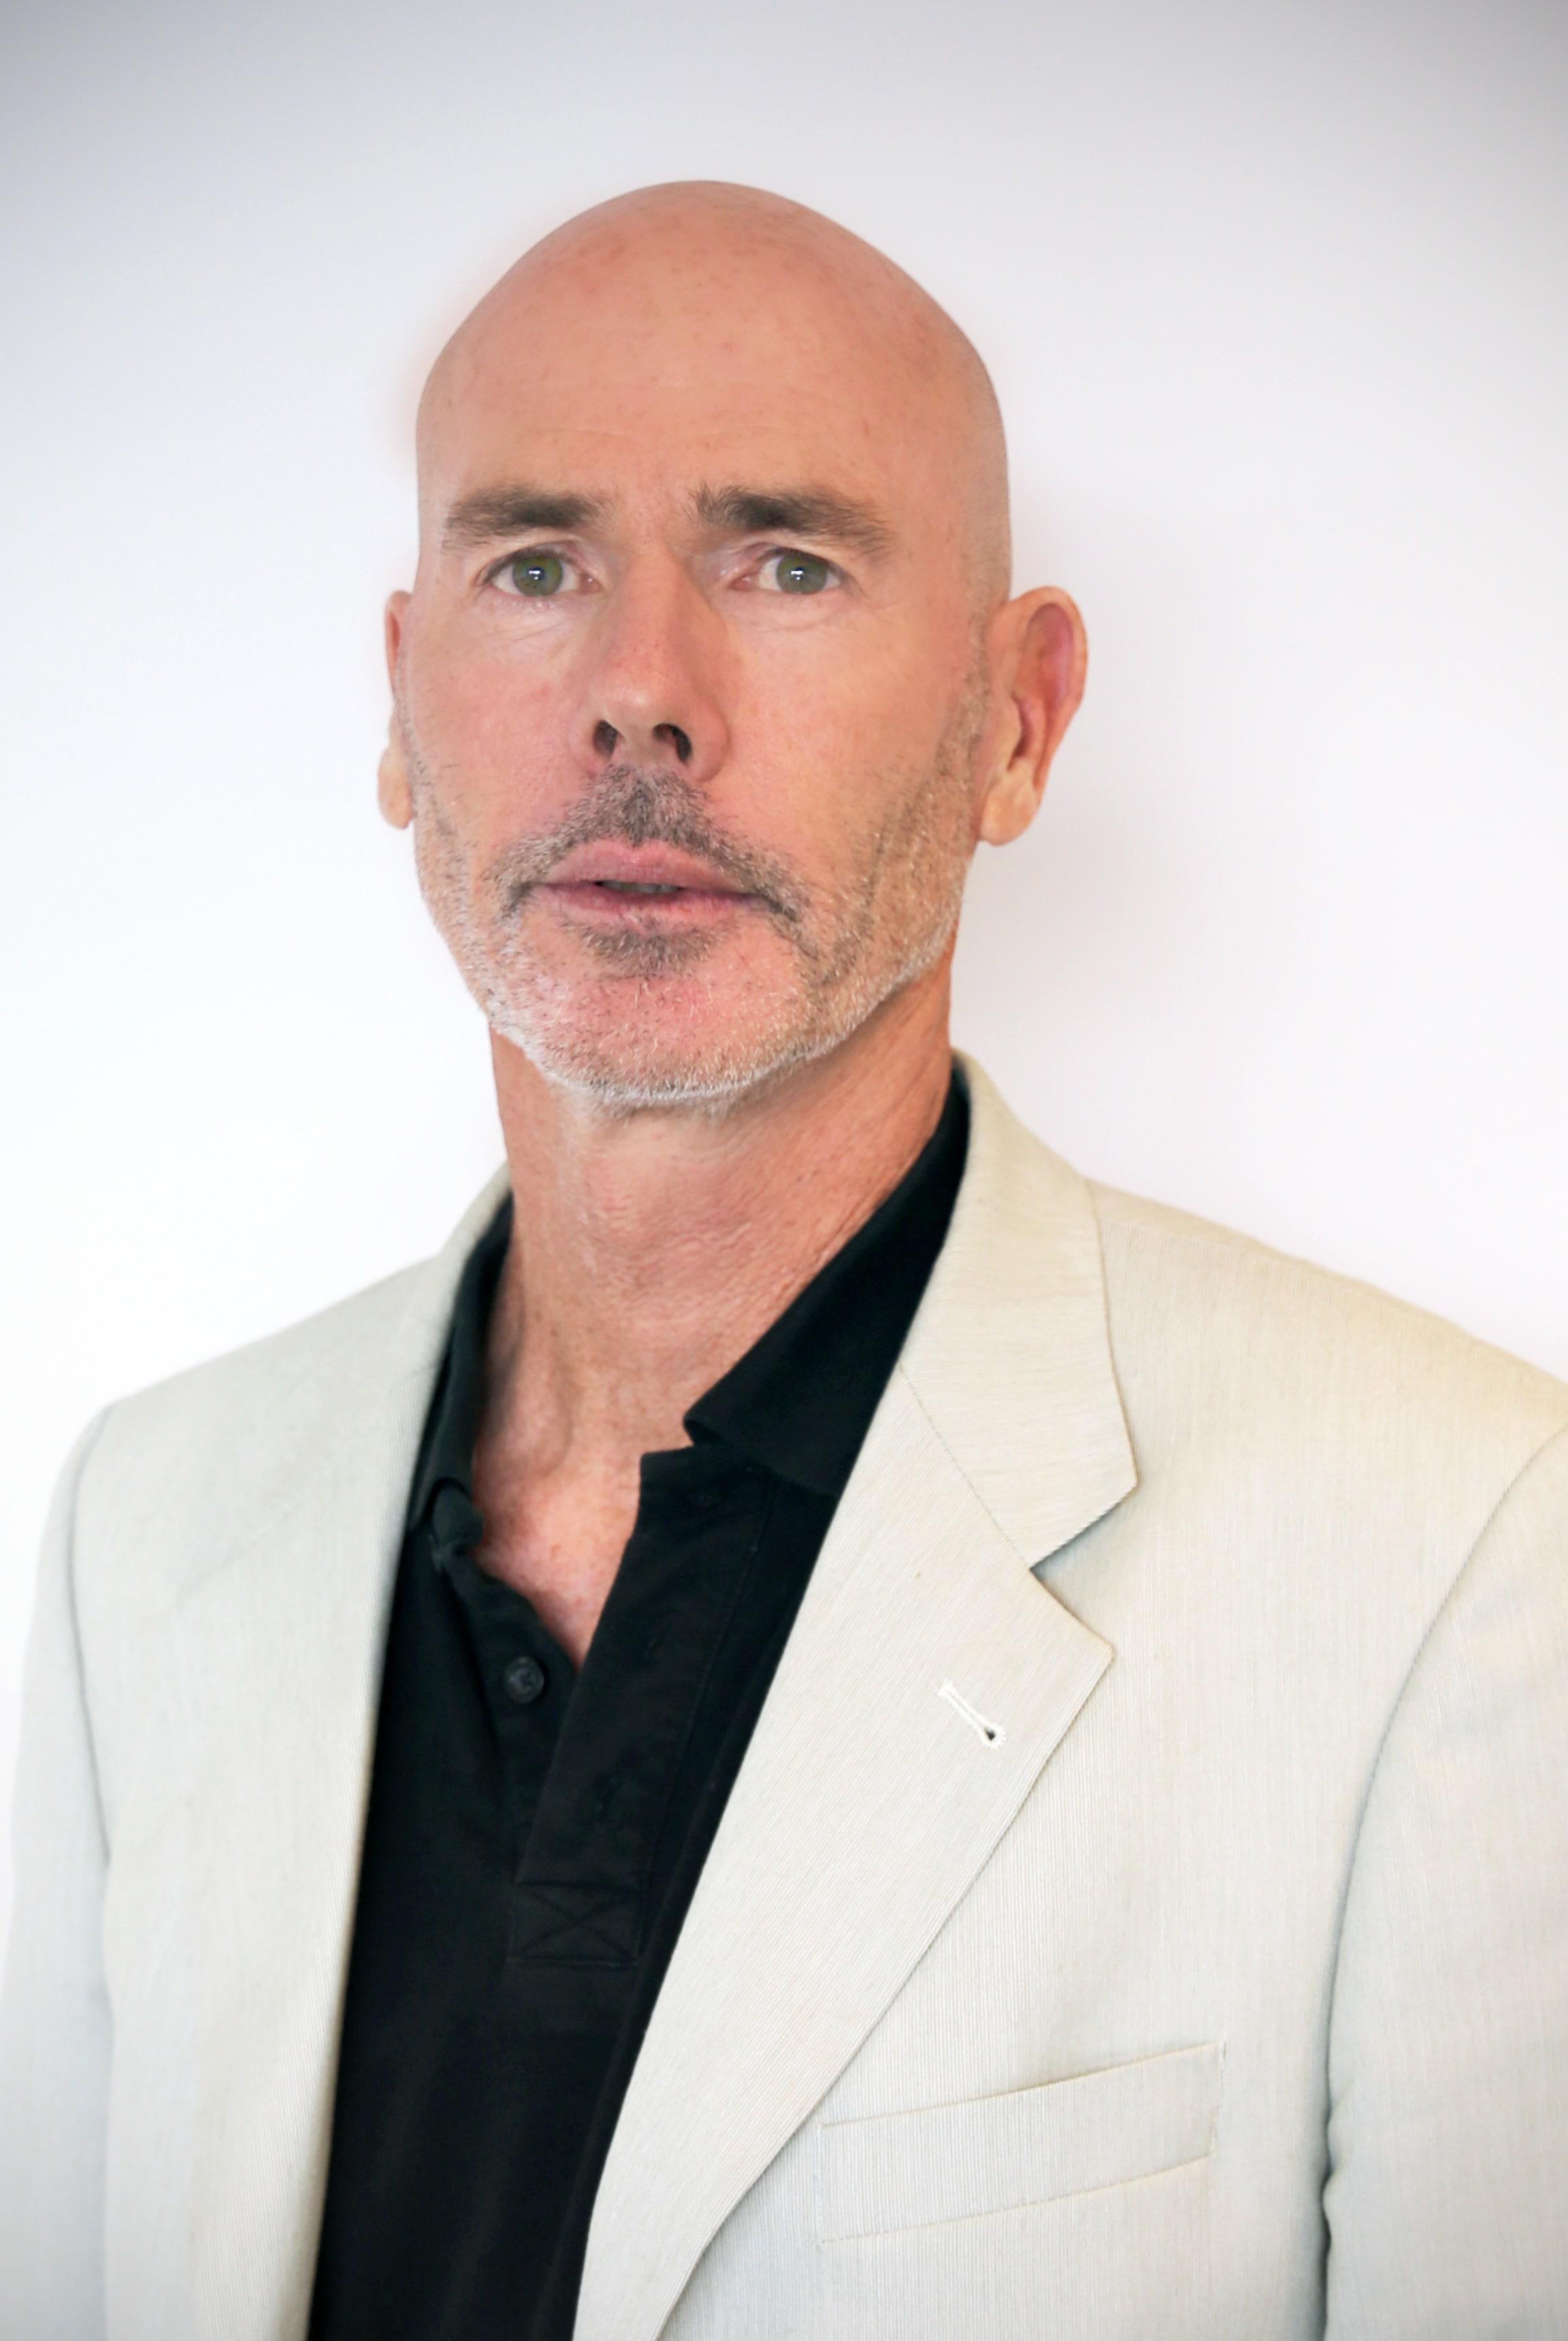 Nigel Pickard - Enseignant - Montpellier Management